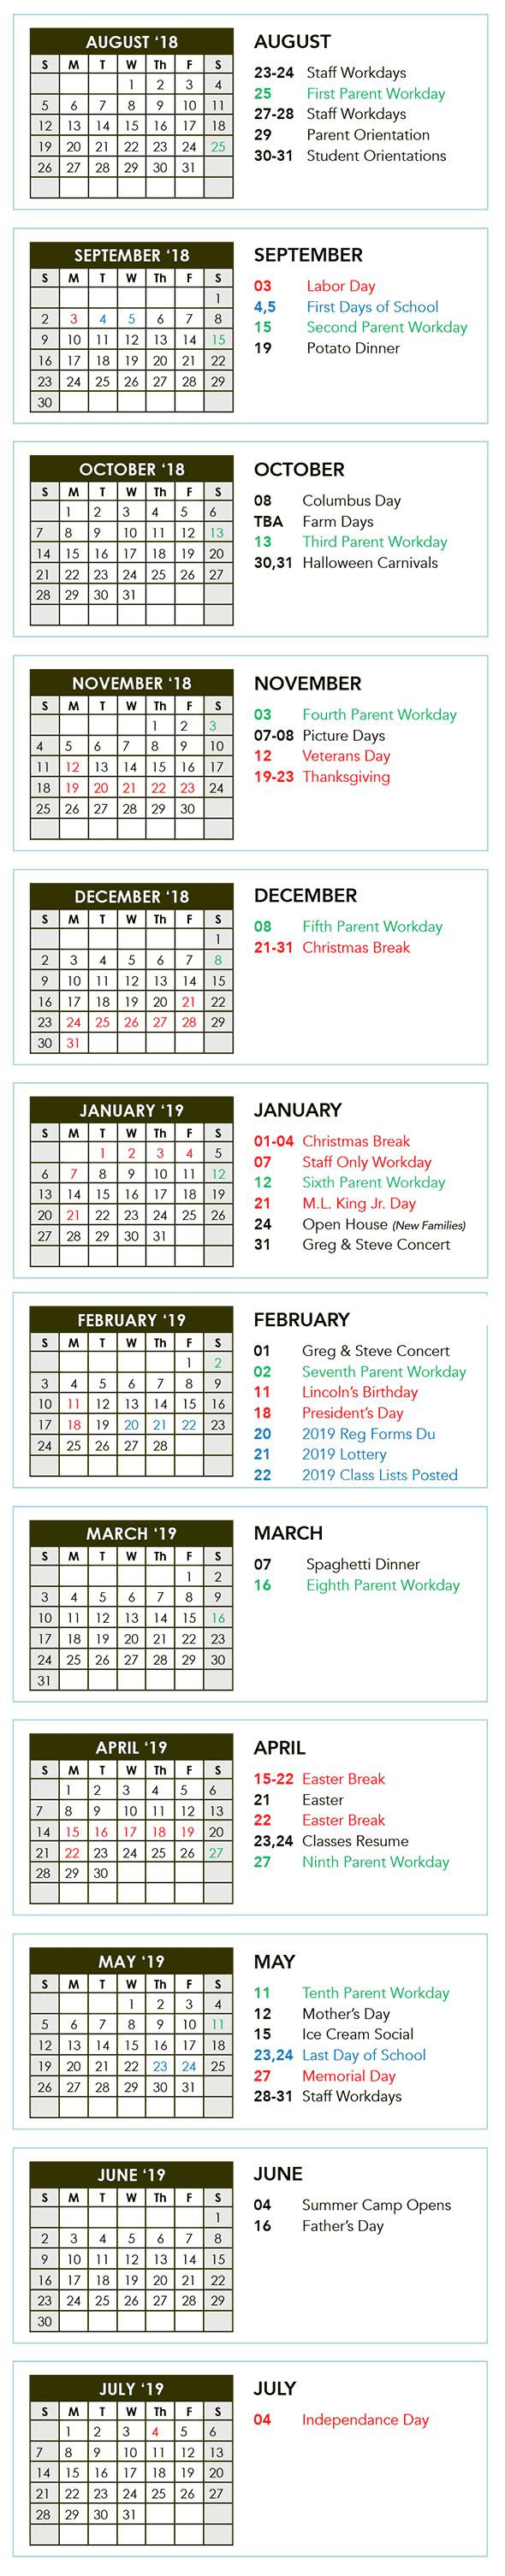 cal-2018-19